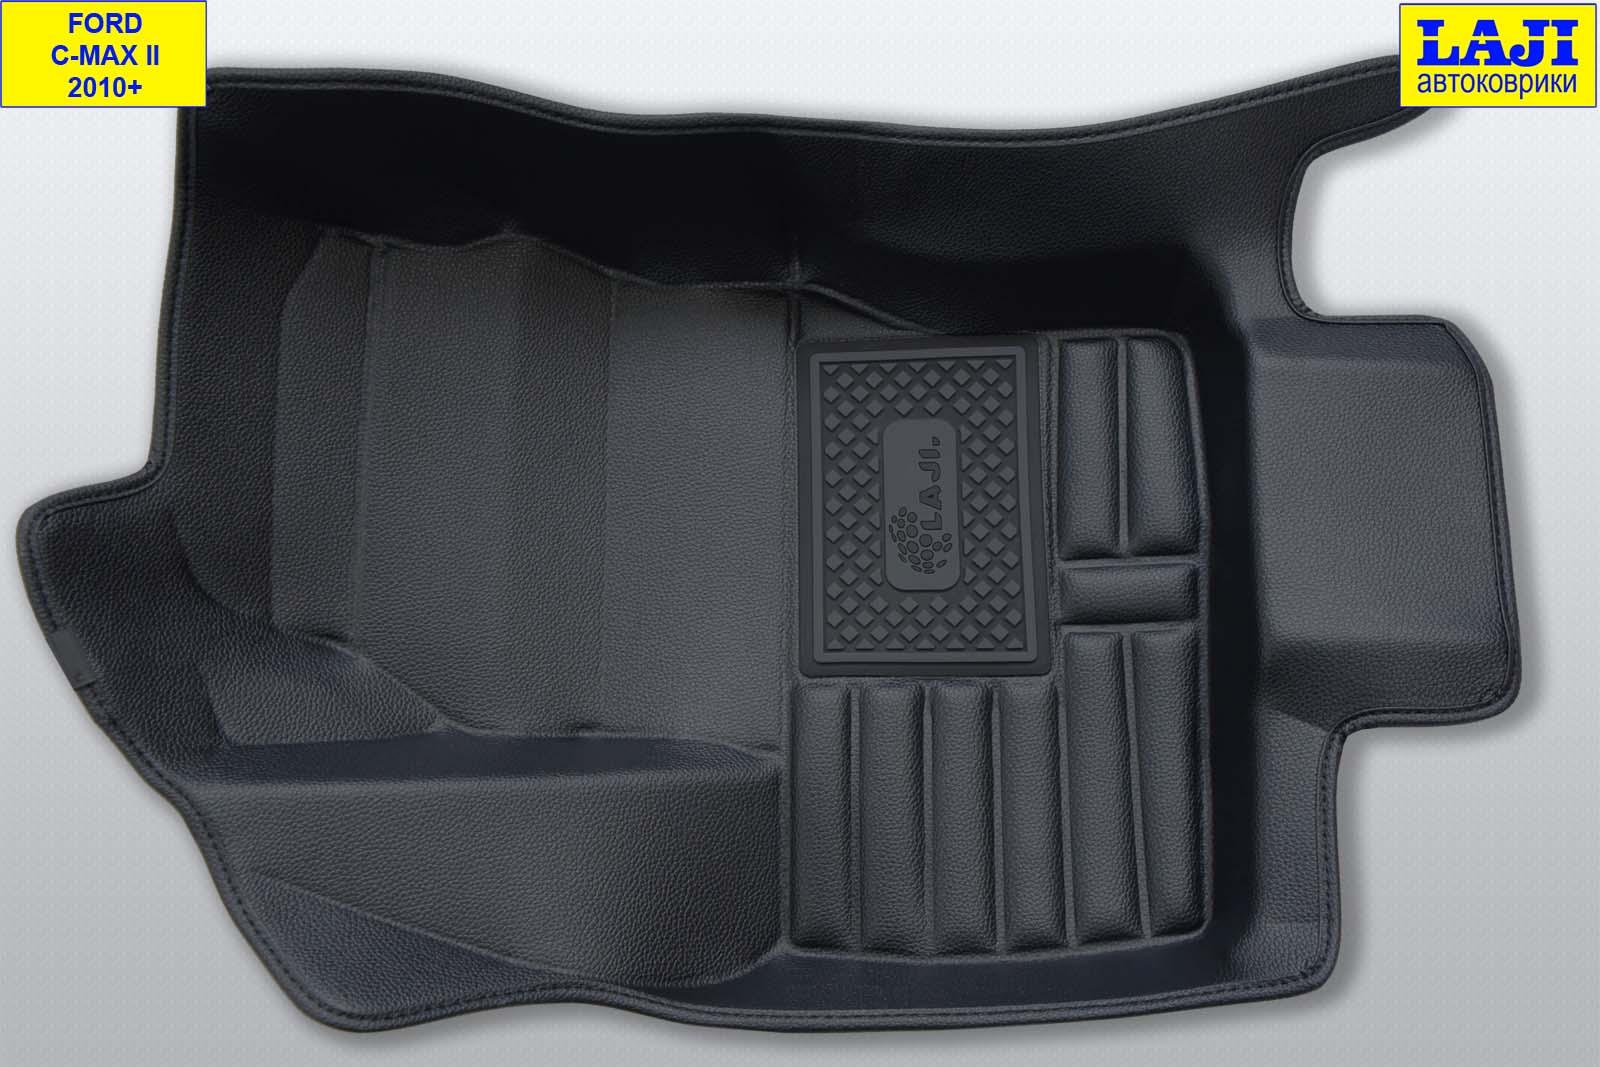 5D коврики в салон Ford C-Max 2010-н.в. 3